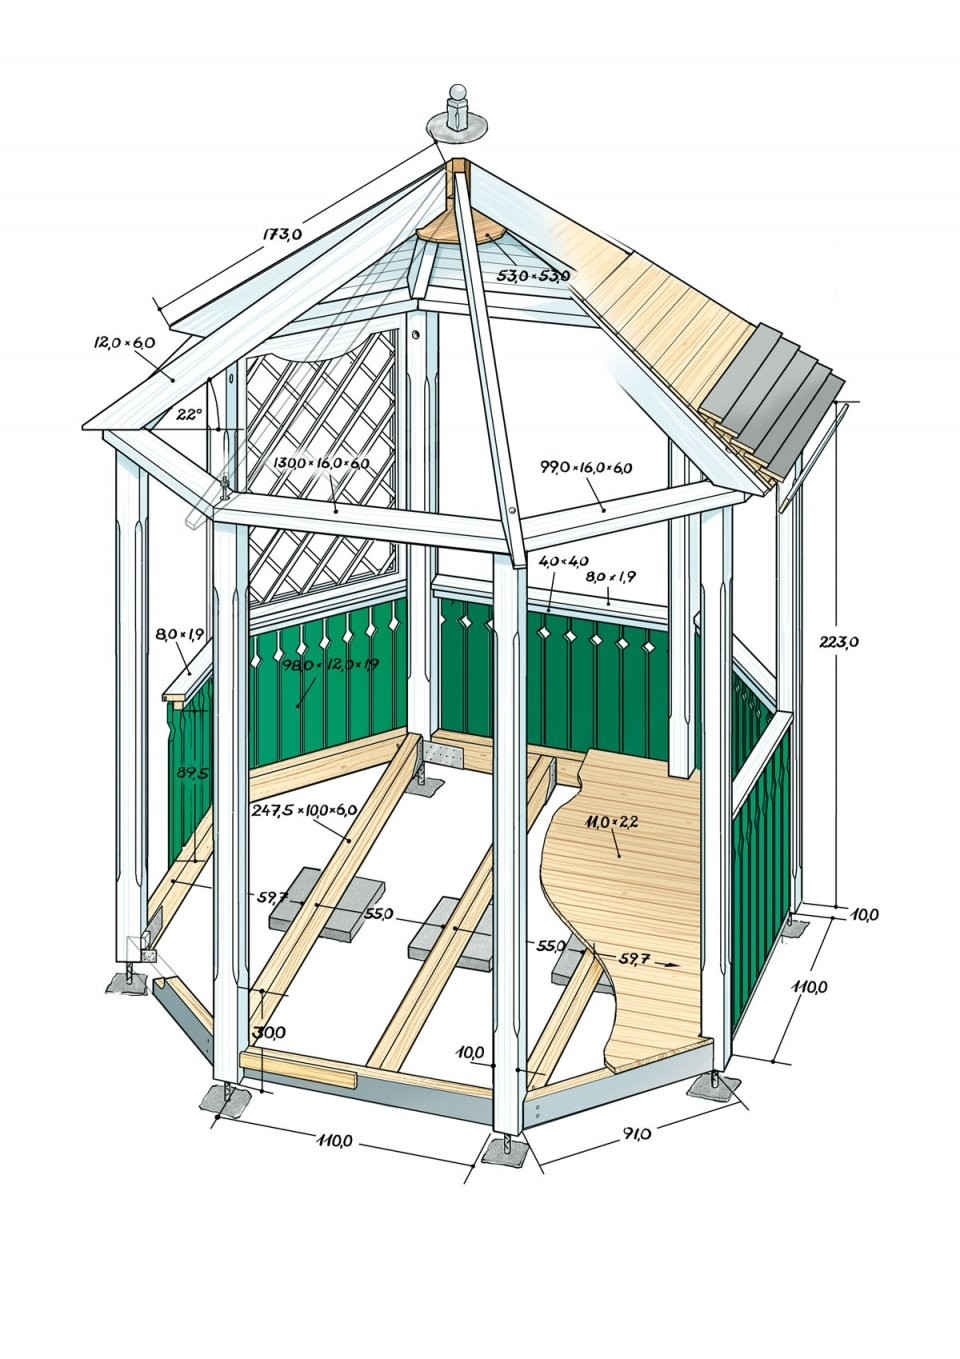 Pavillon Selber Bauen Anleitung von Pavillon 8 Eckig Holz Bauanleitung Bild